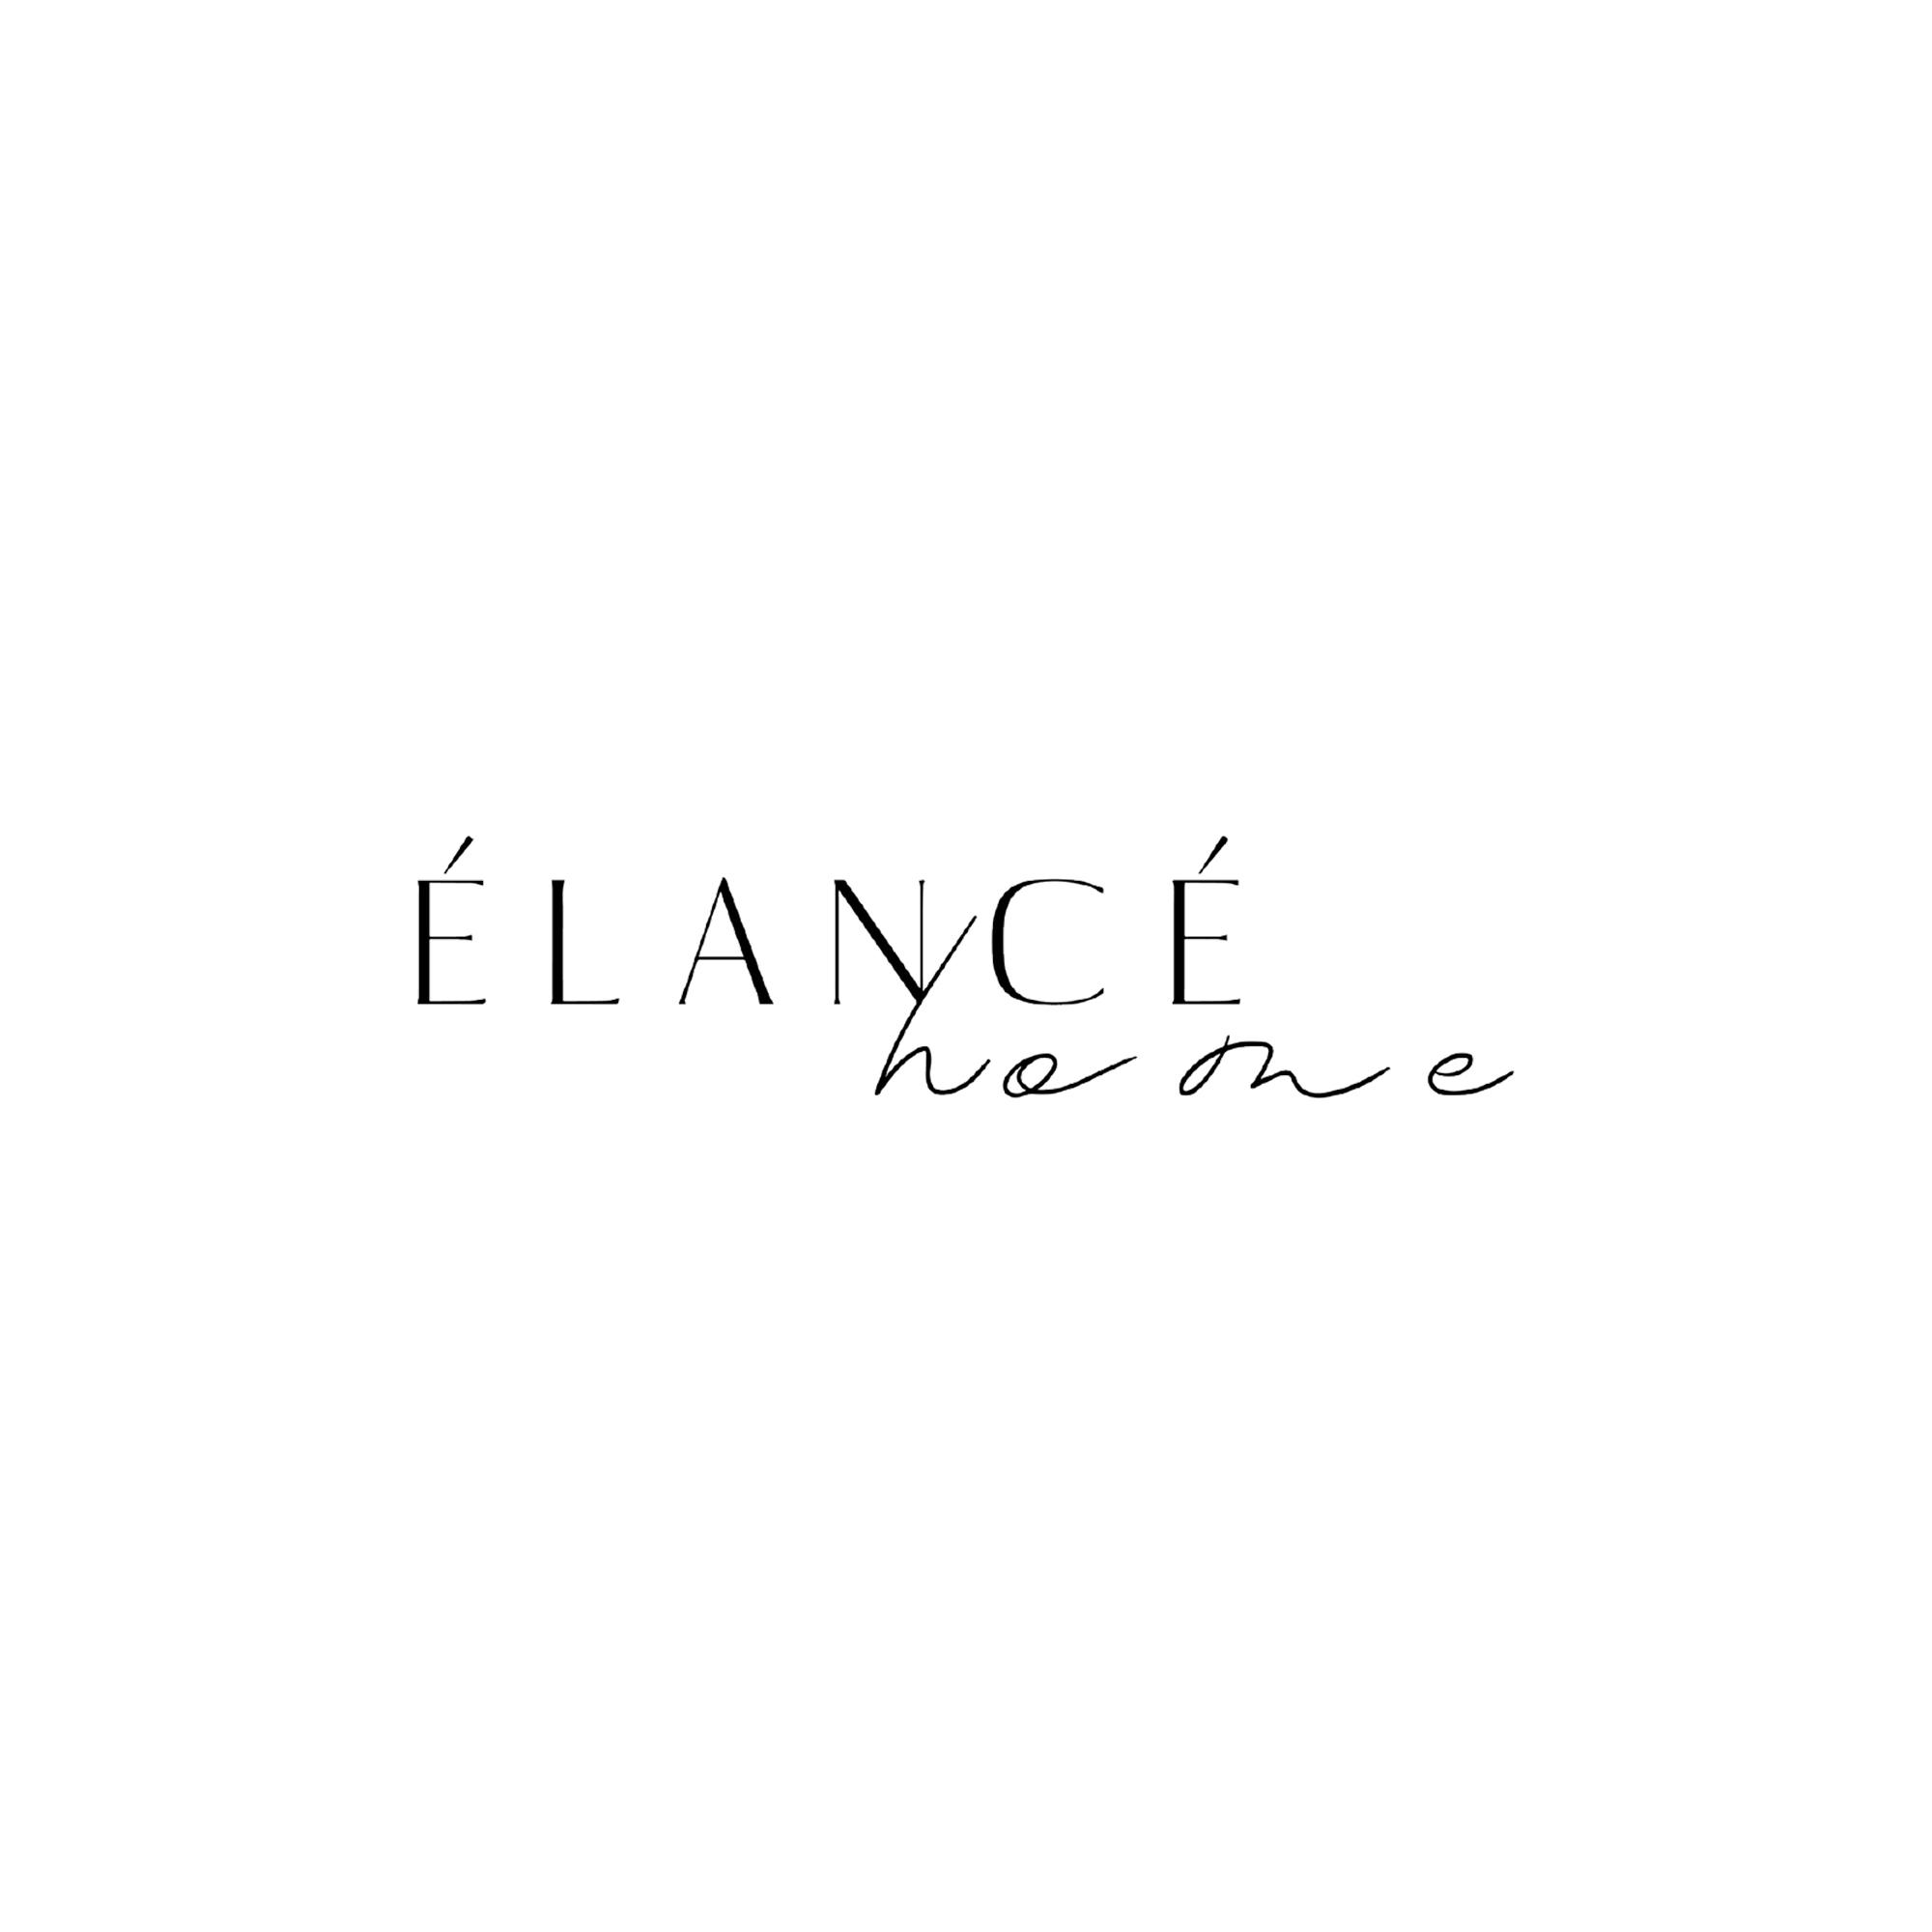 Elance Home